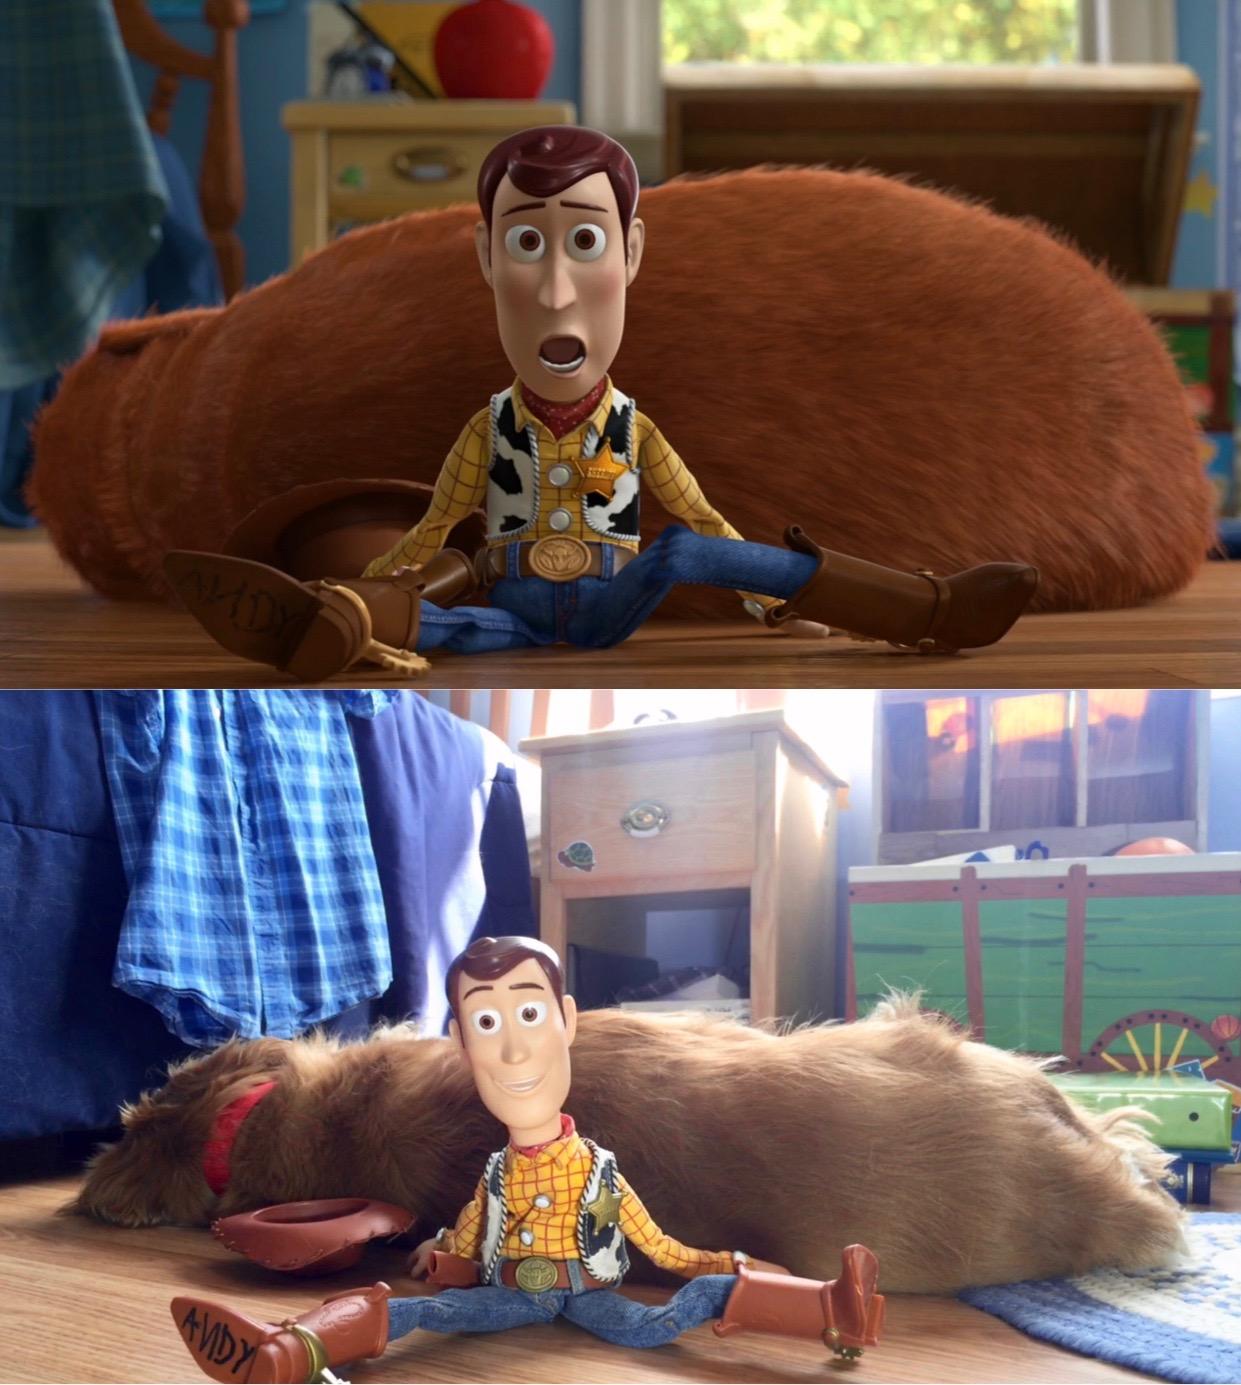 c2762ec21d6c9 Fan de Toy Story recrea fabulosamente el cuarto de Andy